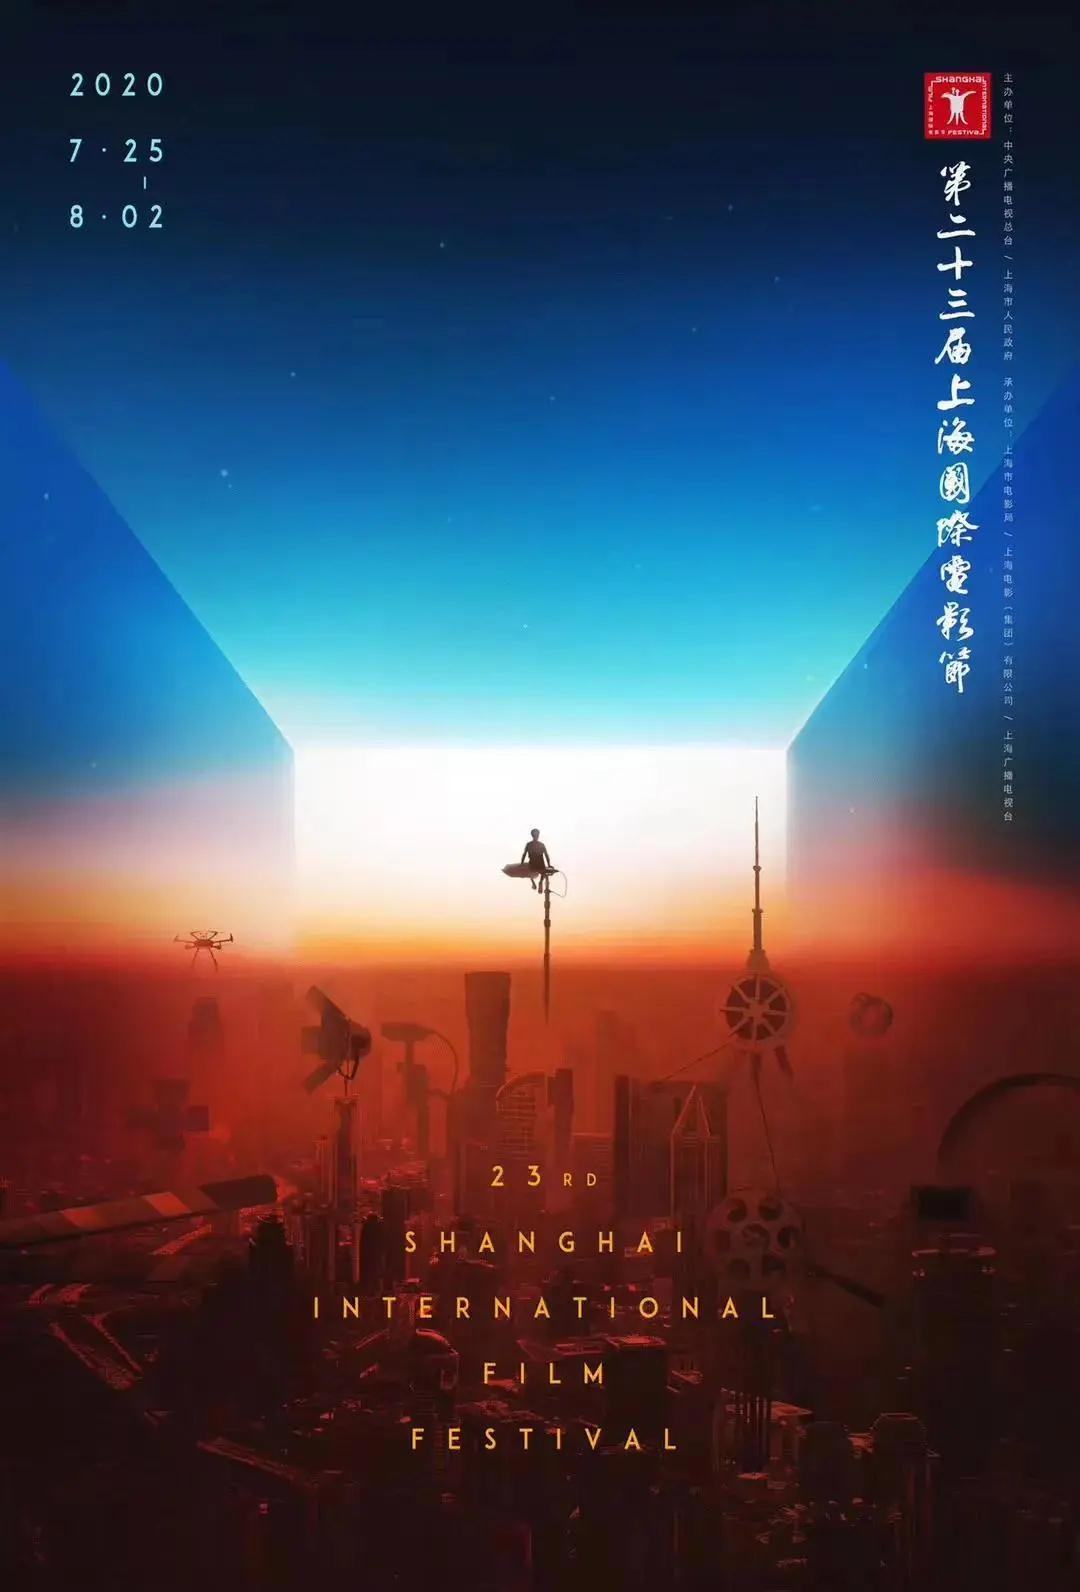 上海国际电影节开幕,德利丰新形象片也重磅上线!